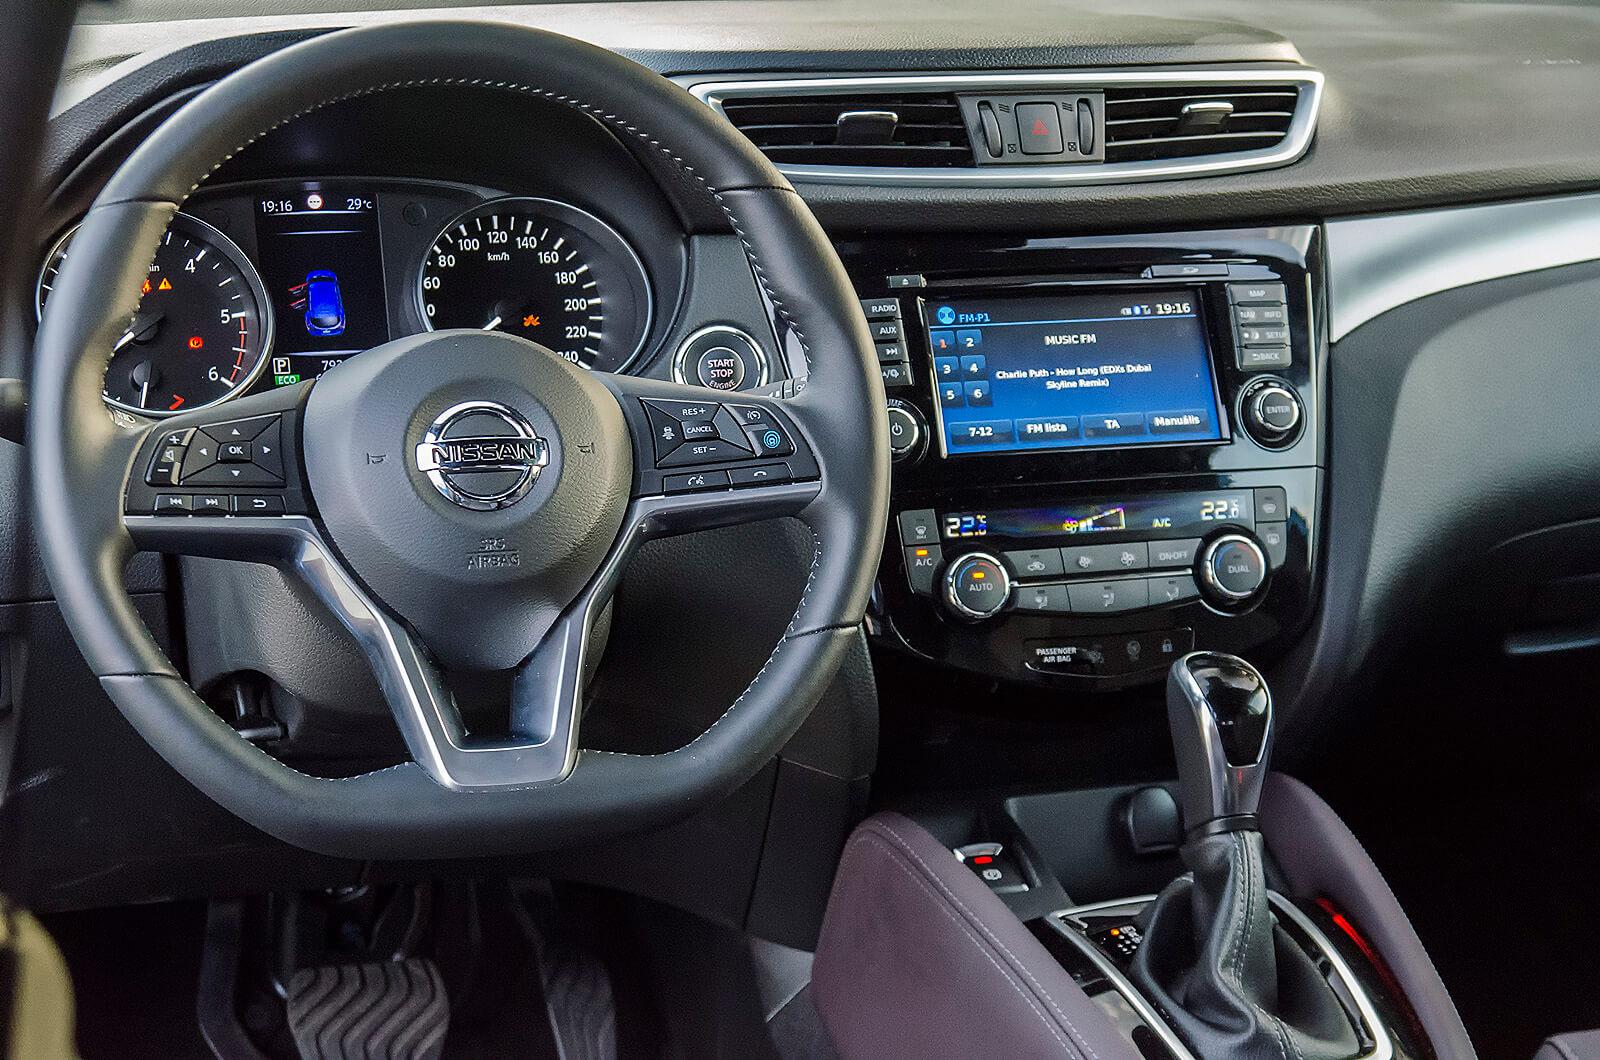 Nissan Qashqai ProPilot